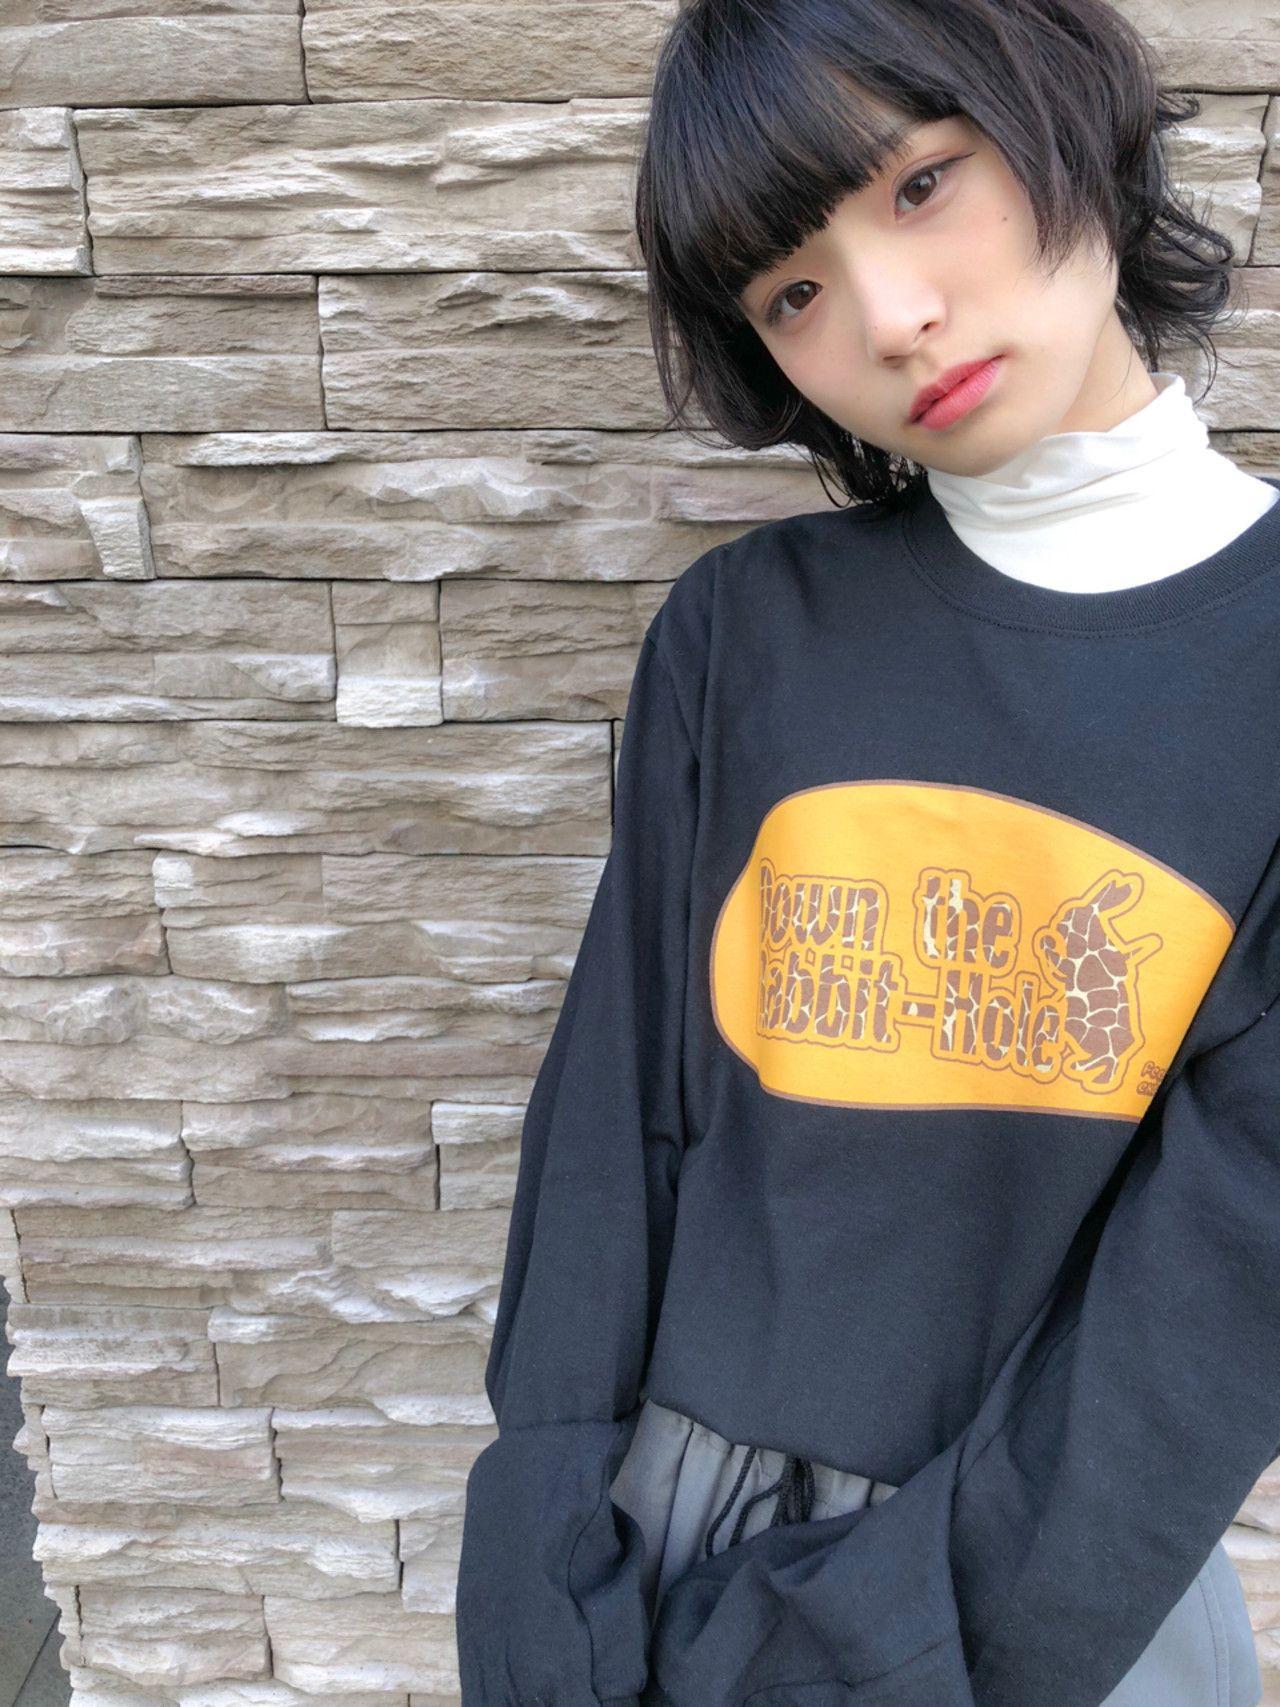 丸顔さん ベリーショート 絶対かわいい 小顔見せヘアカタログ10選 Hair ショートのヘアスタイル 丸顔 ショート ヘアスタイリング